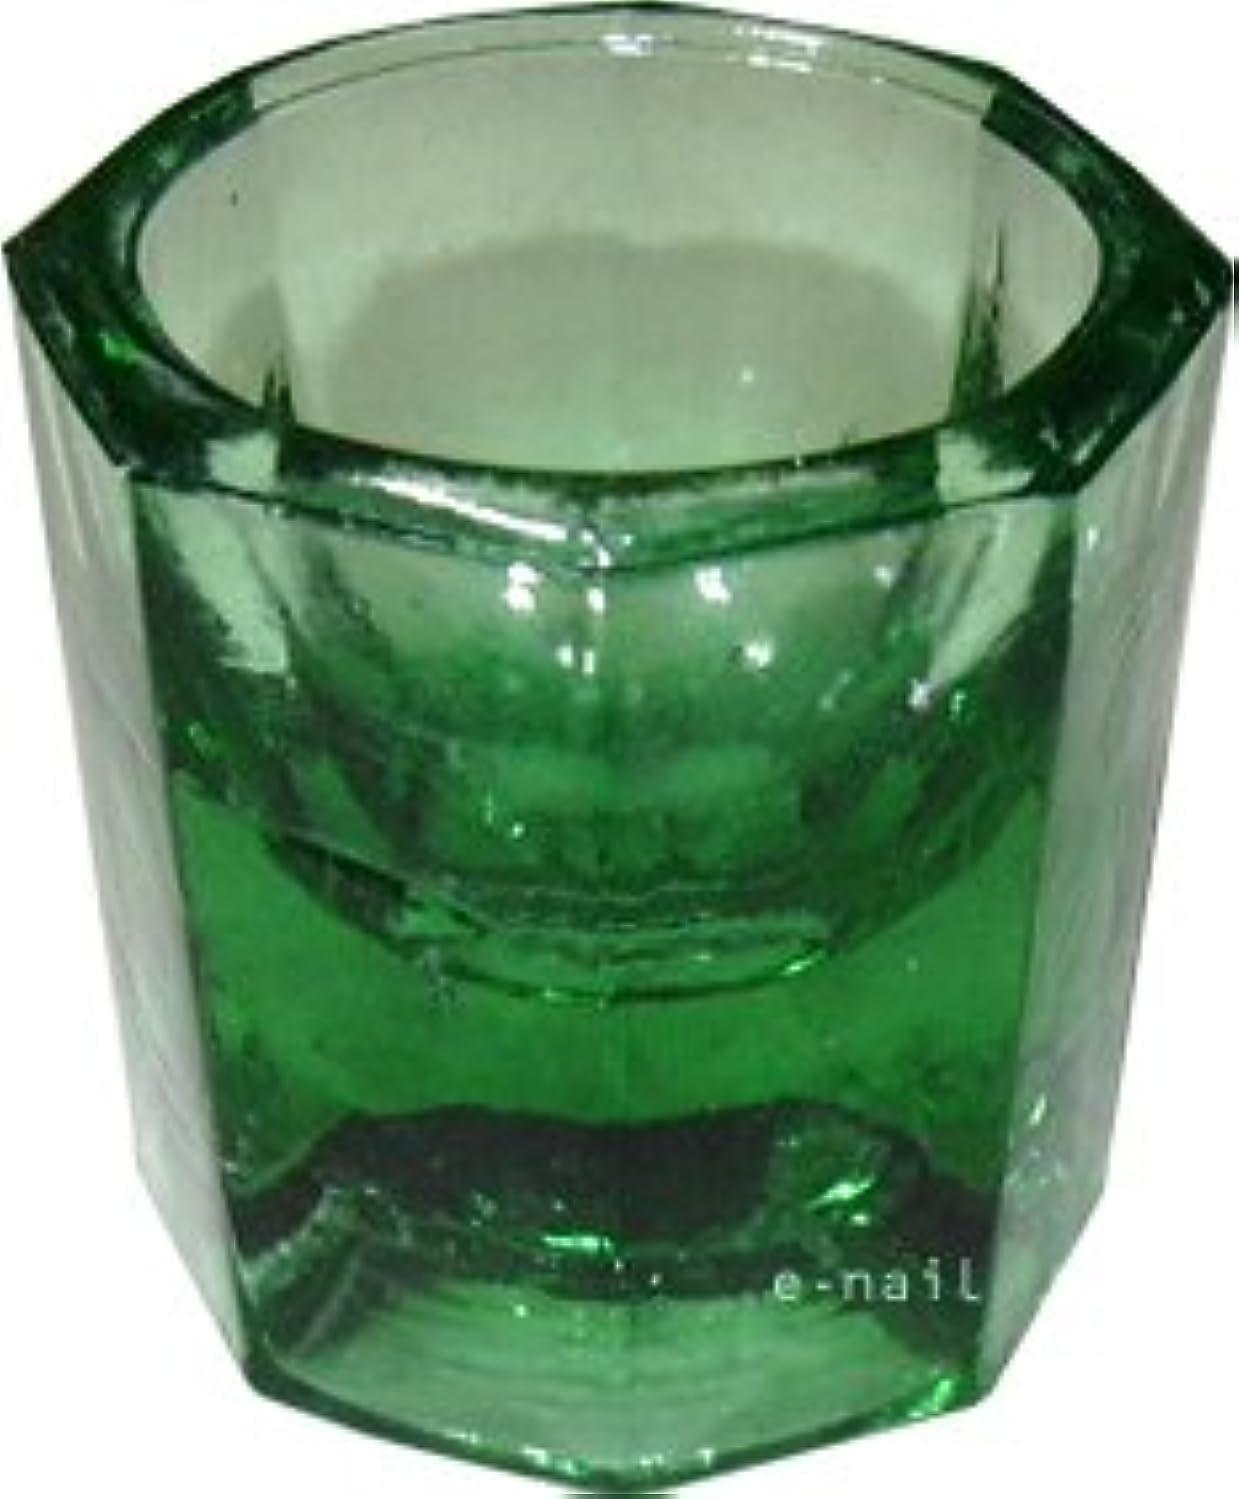 アレイベール商品スモールグラス ダッペンディッシュ グリーン